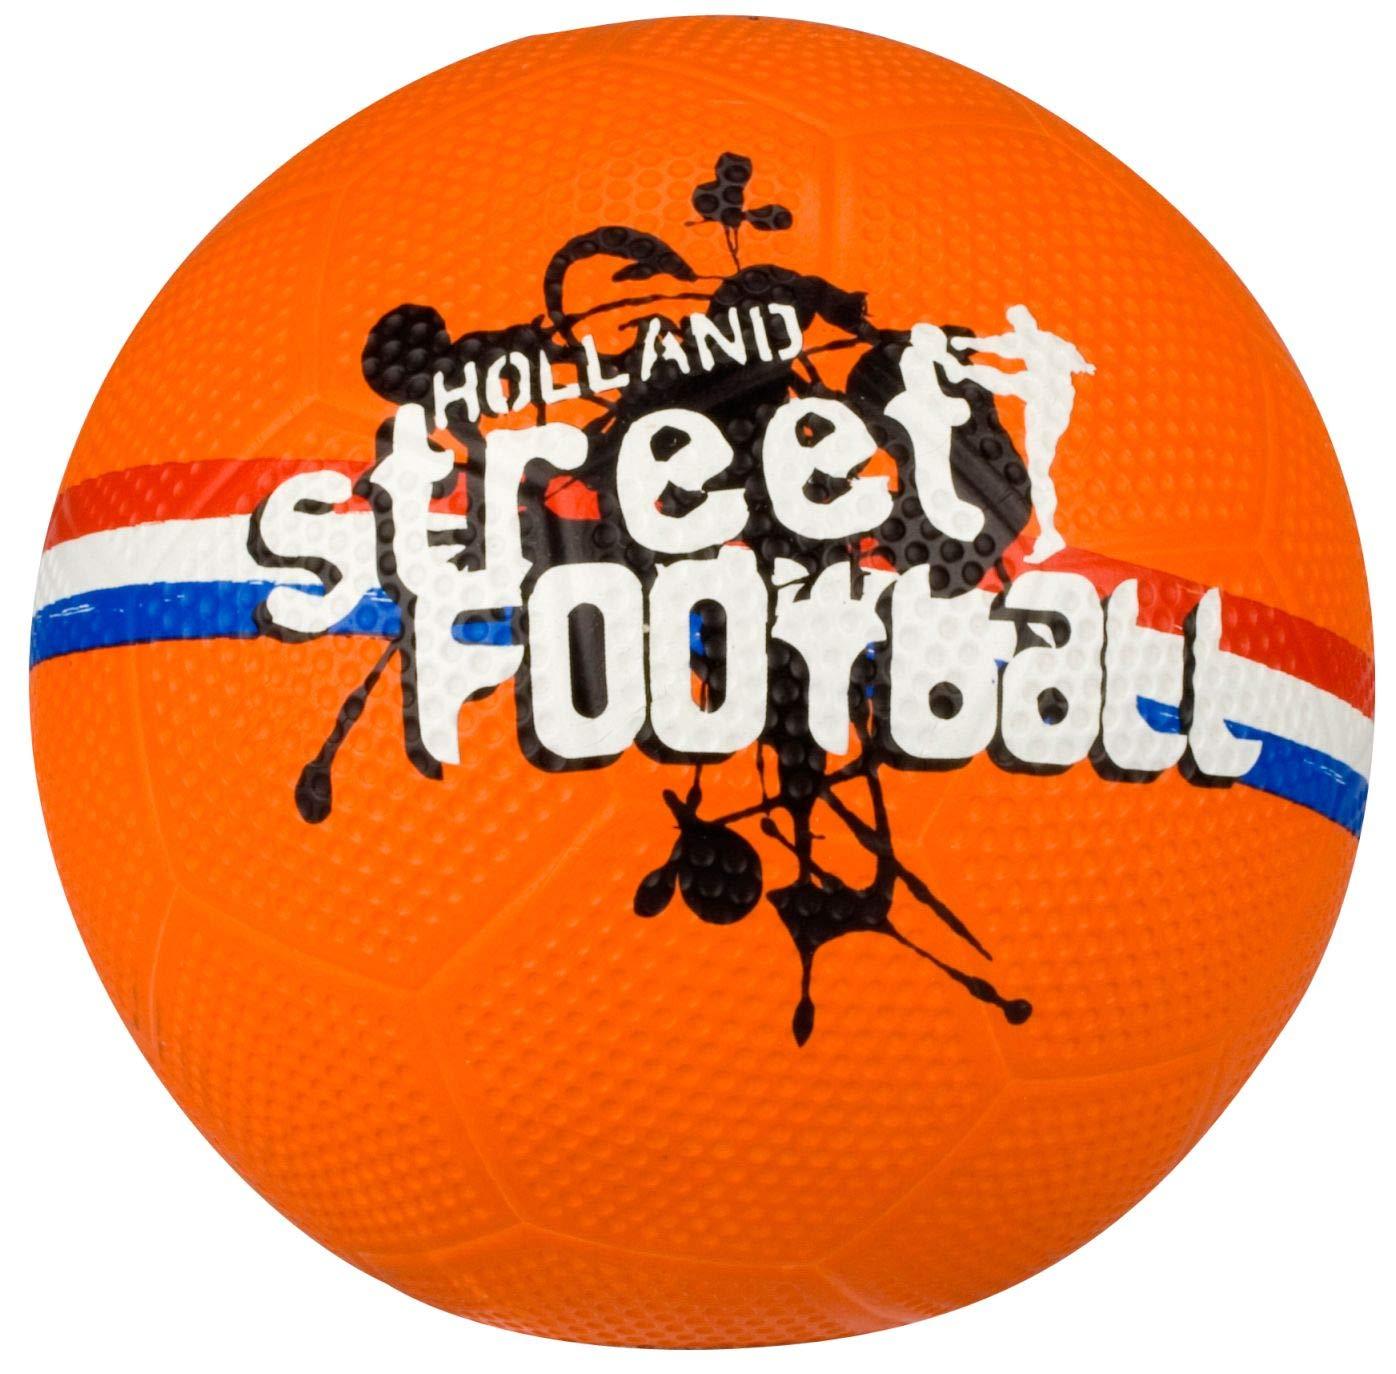 Street fútbol Holland-Brazi Schreuders Schreuders Sport_16ST-WIZ-5